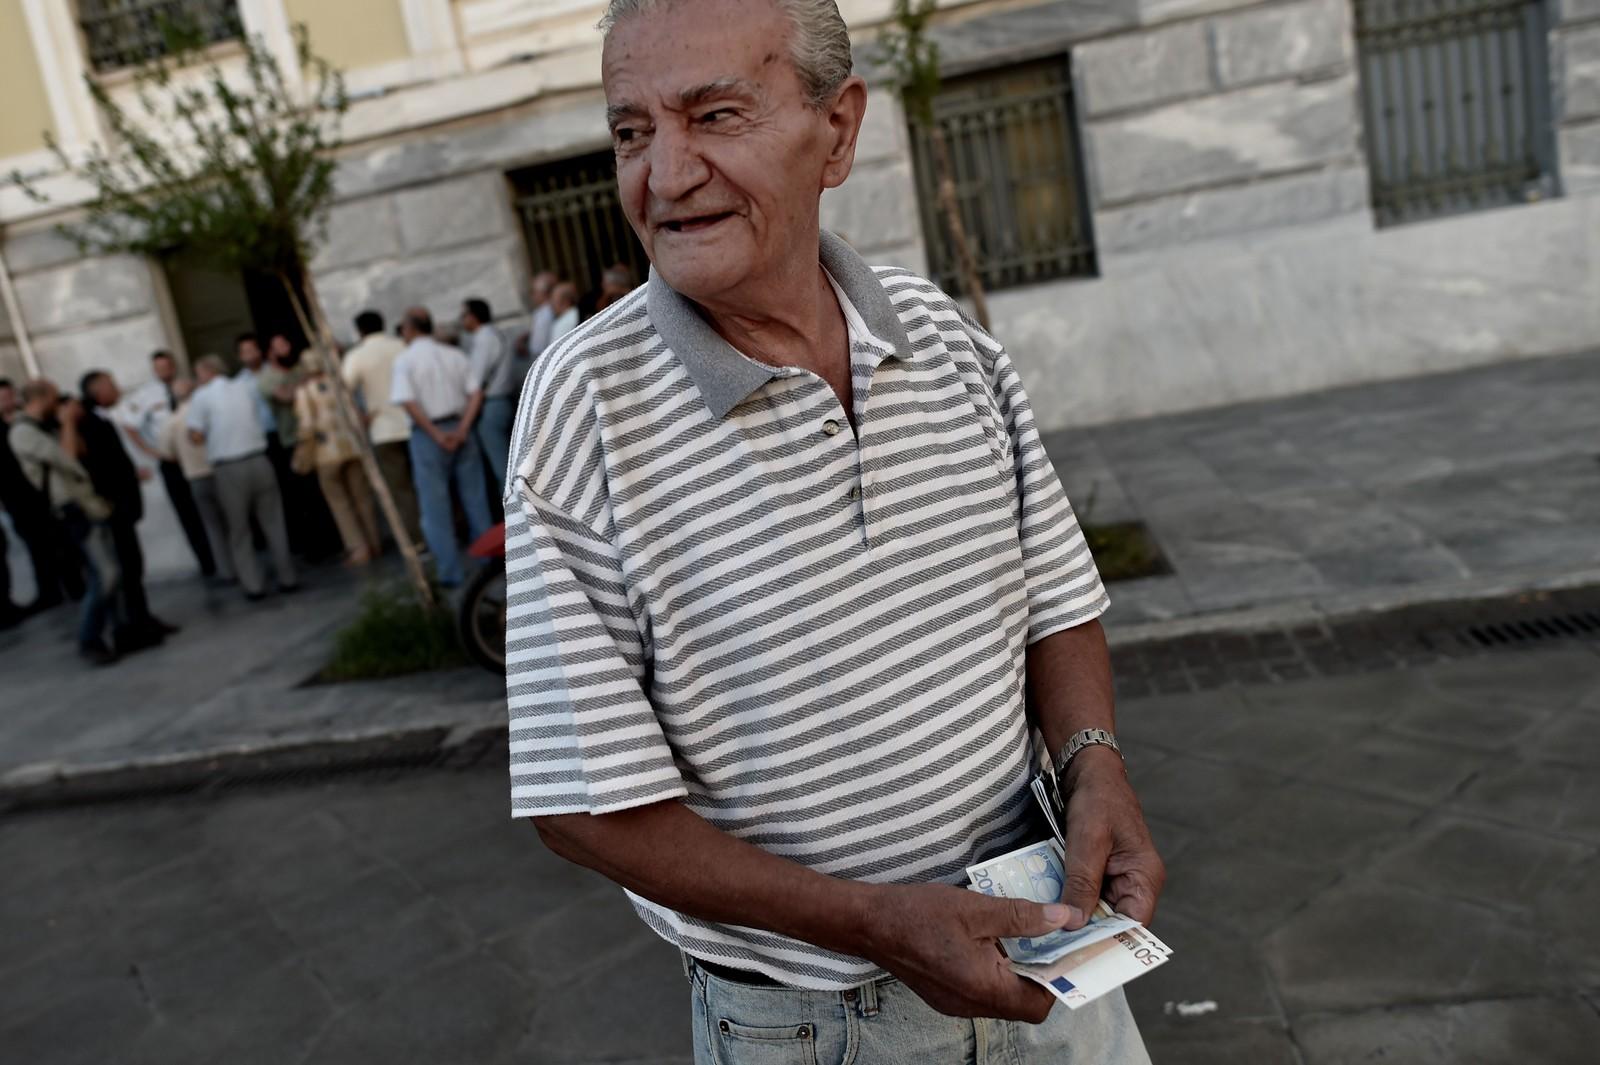 En gresk pensjonist utenfor banken etter at han fikk tatt ut penger.